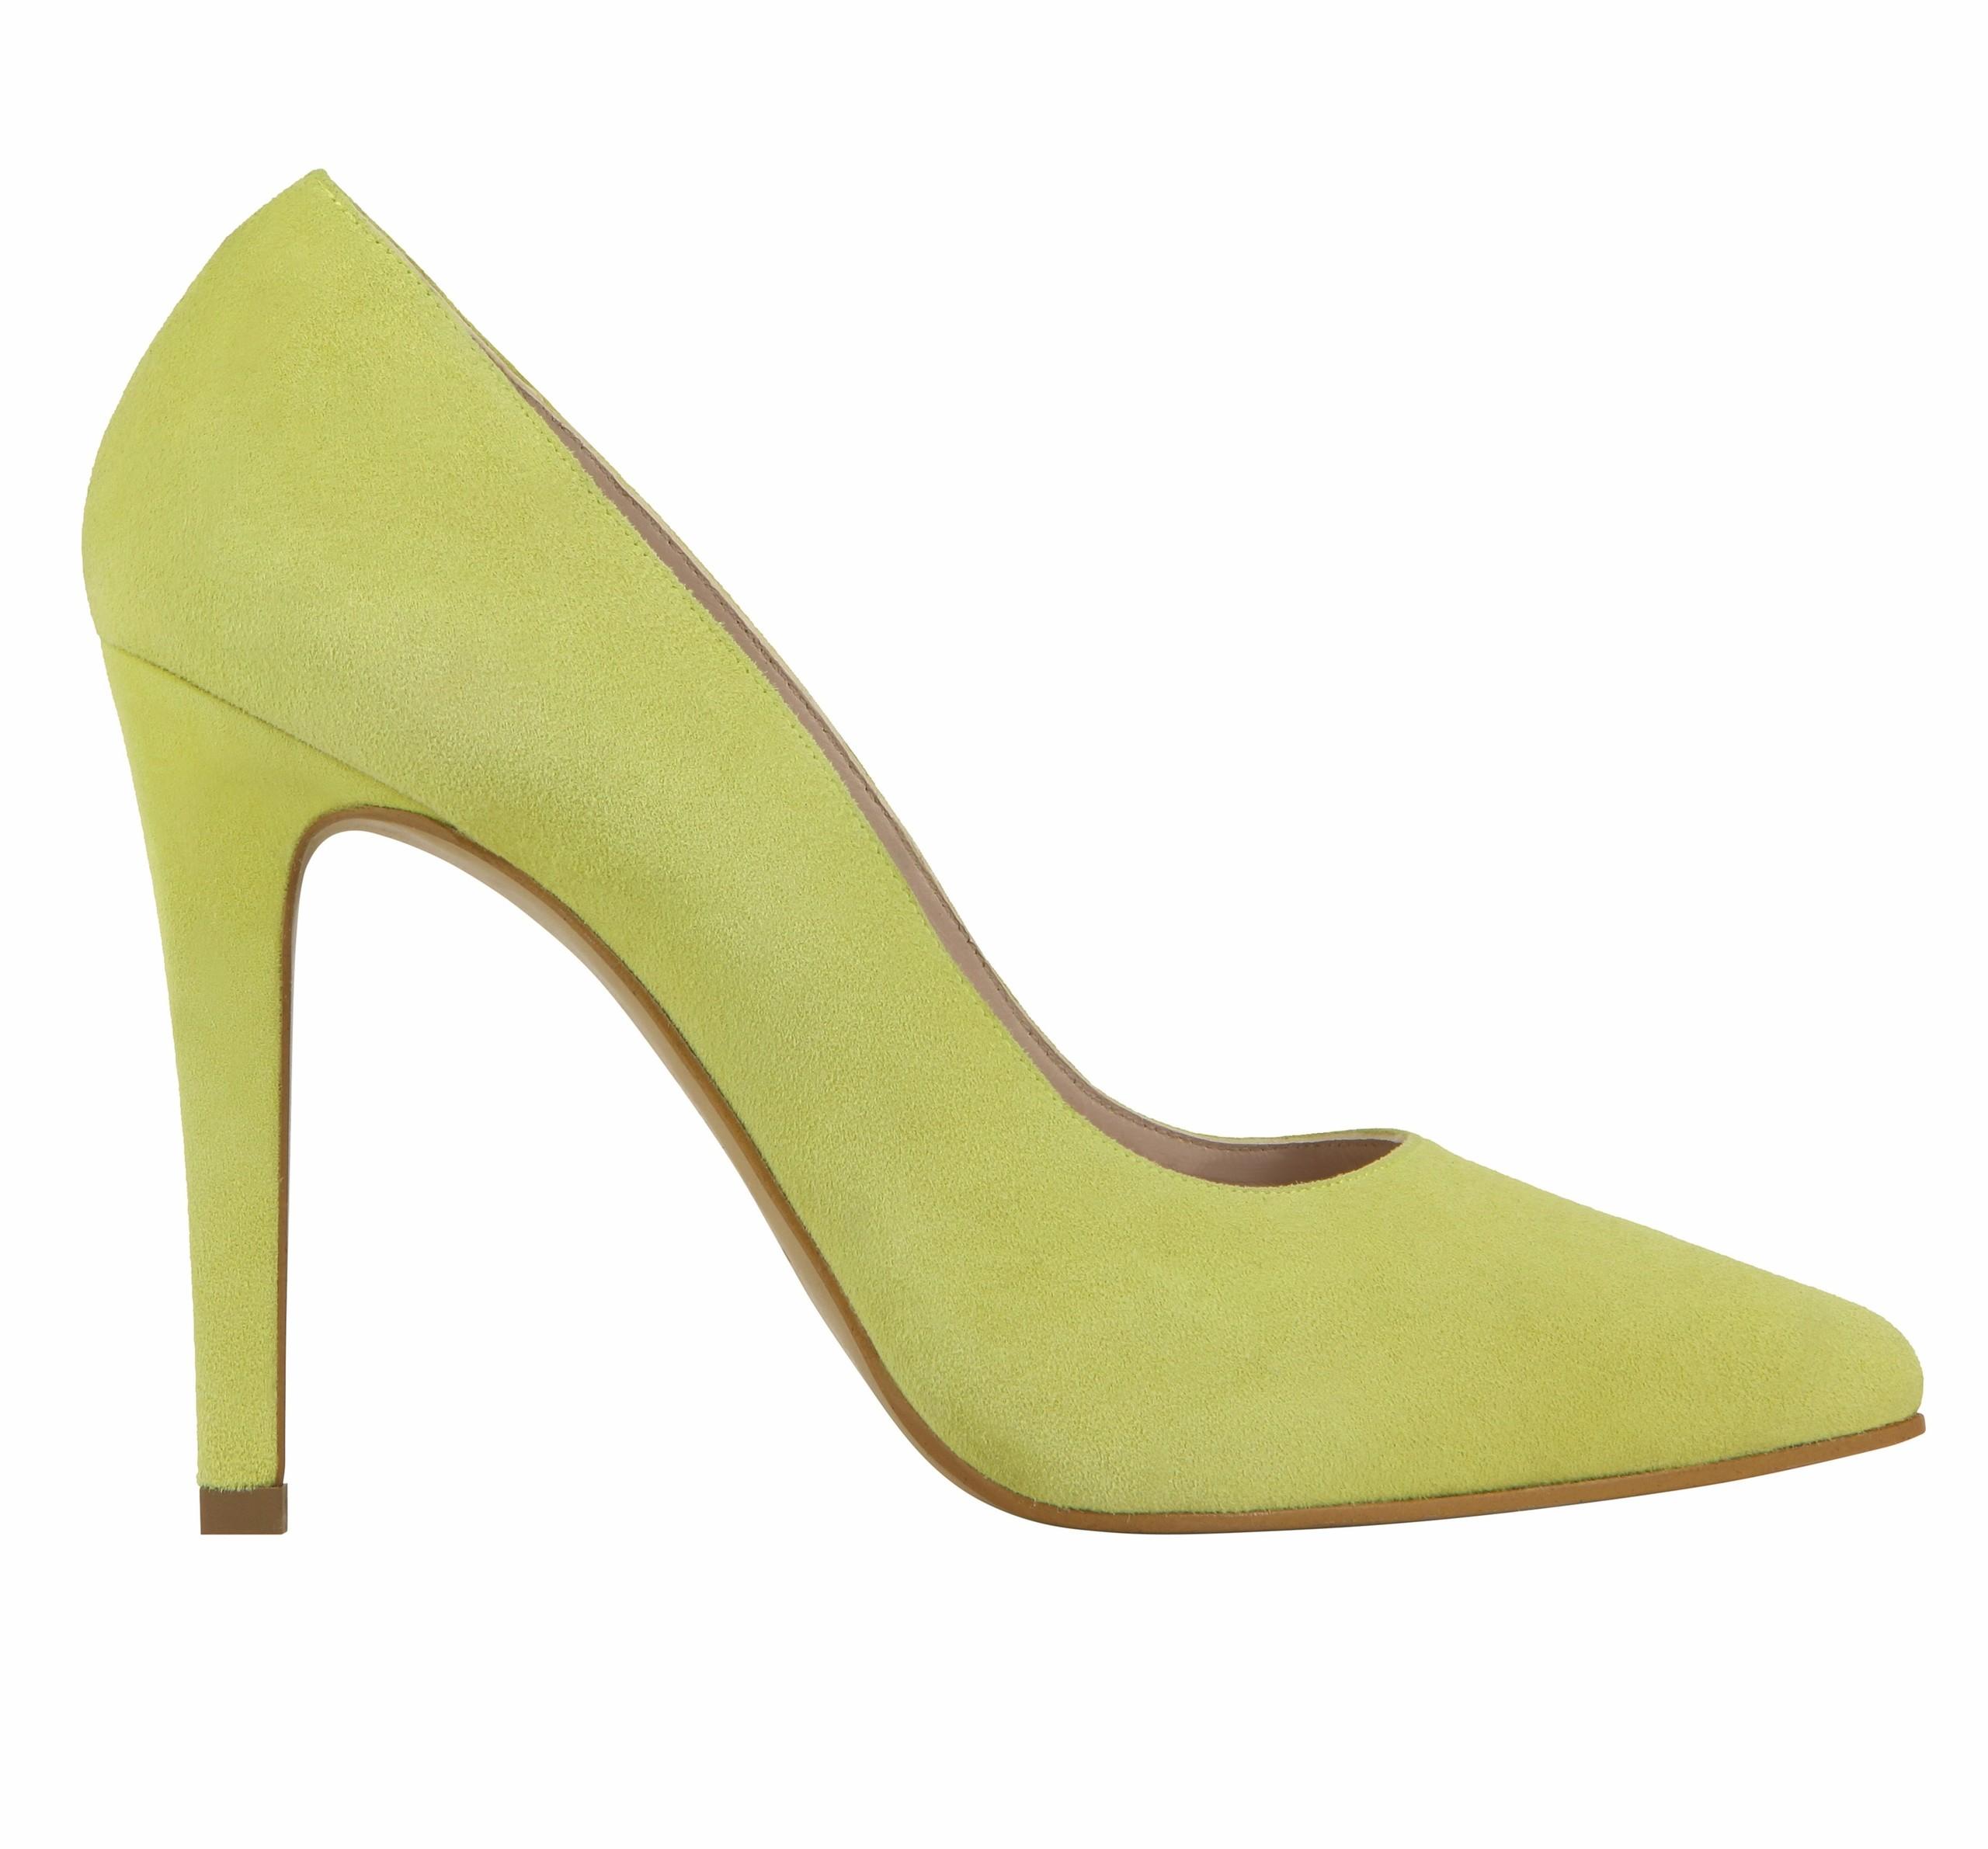 Zapatos Lodi Primavera-Verano 2017